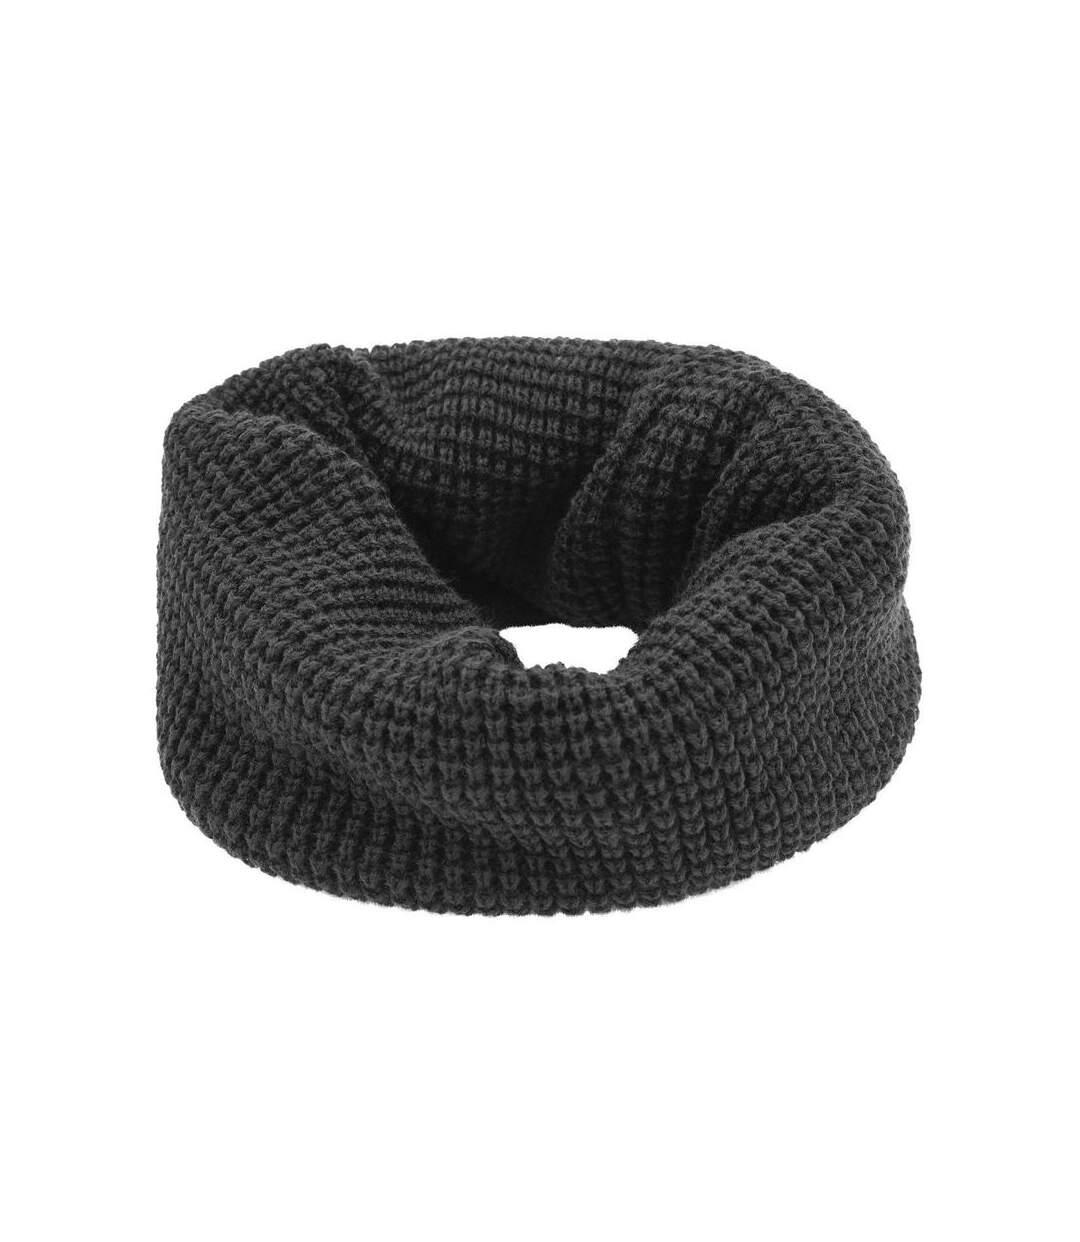 Echarpe - Tour de cou adulte - Taille unique - MB7314 - gris carbone